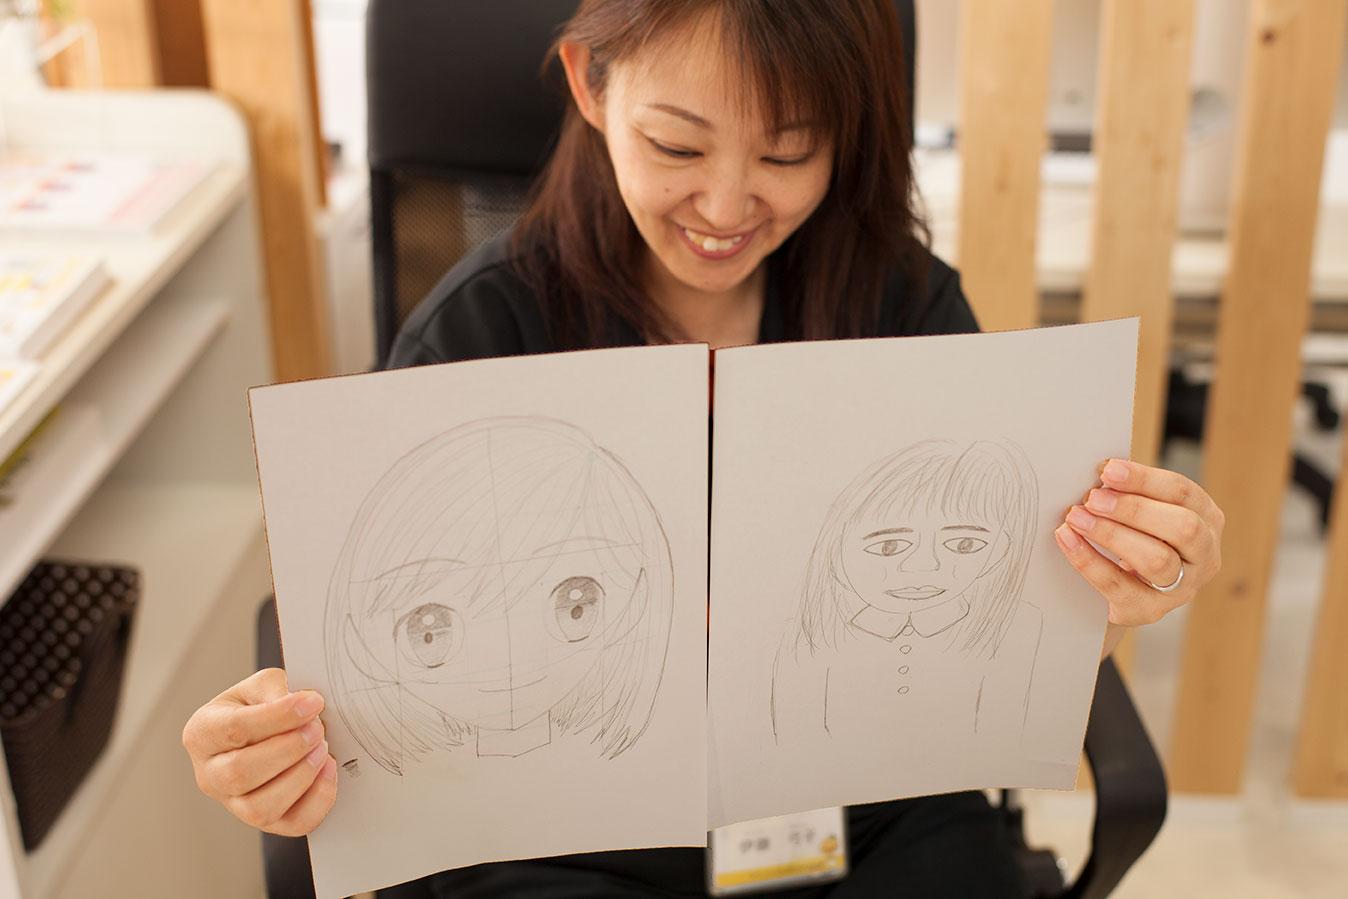 アナログイラスト・マンガ作画体験